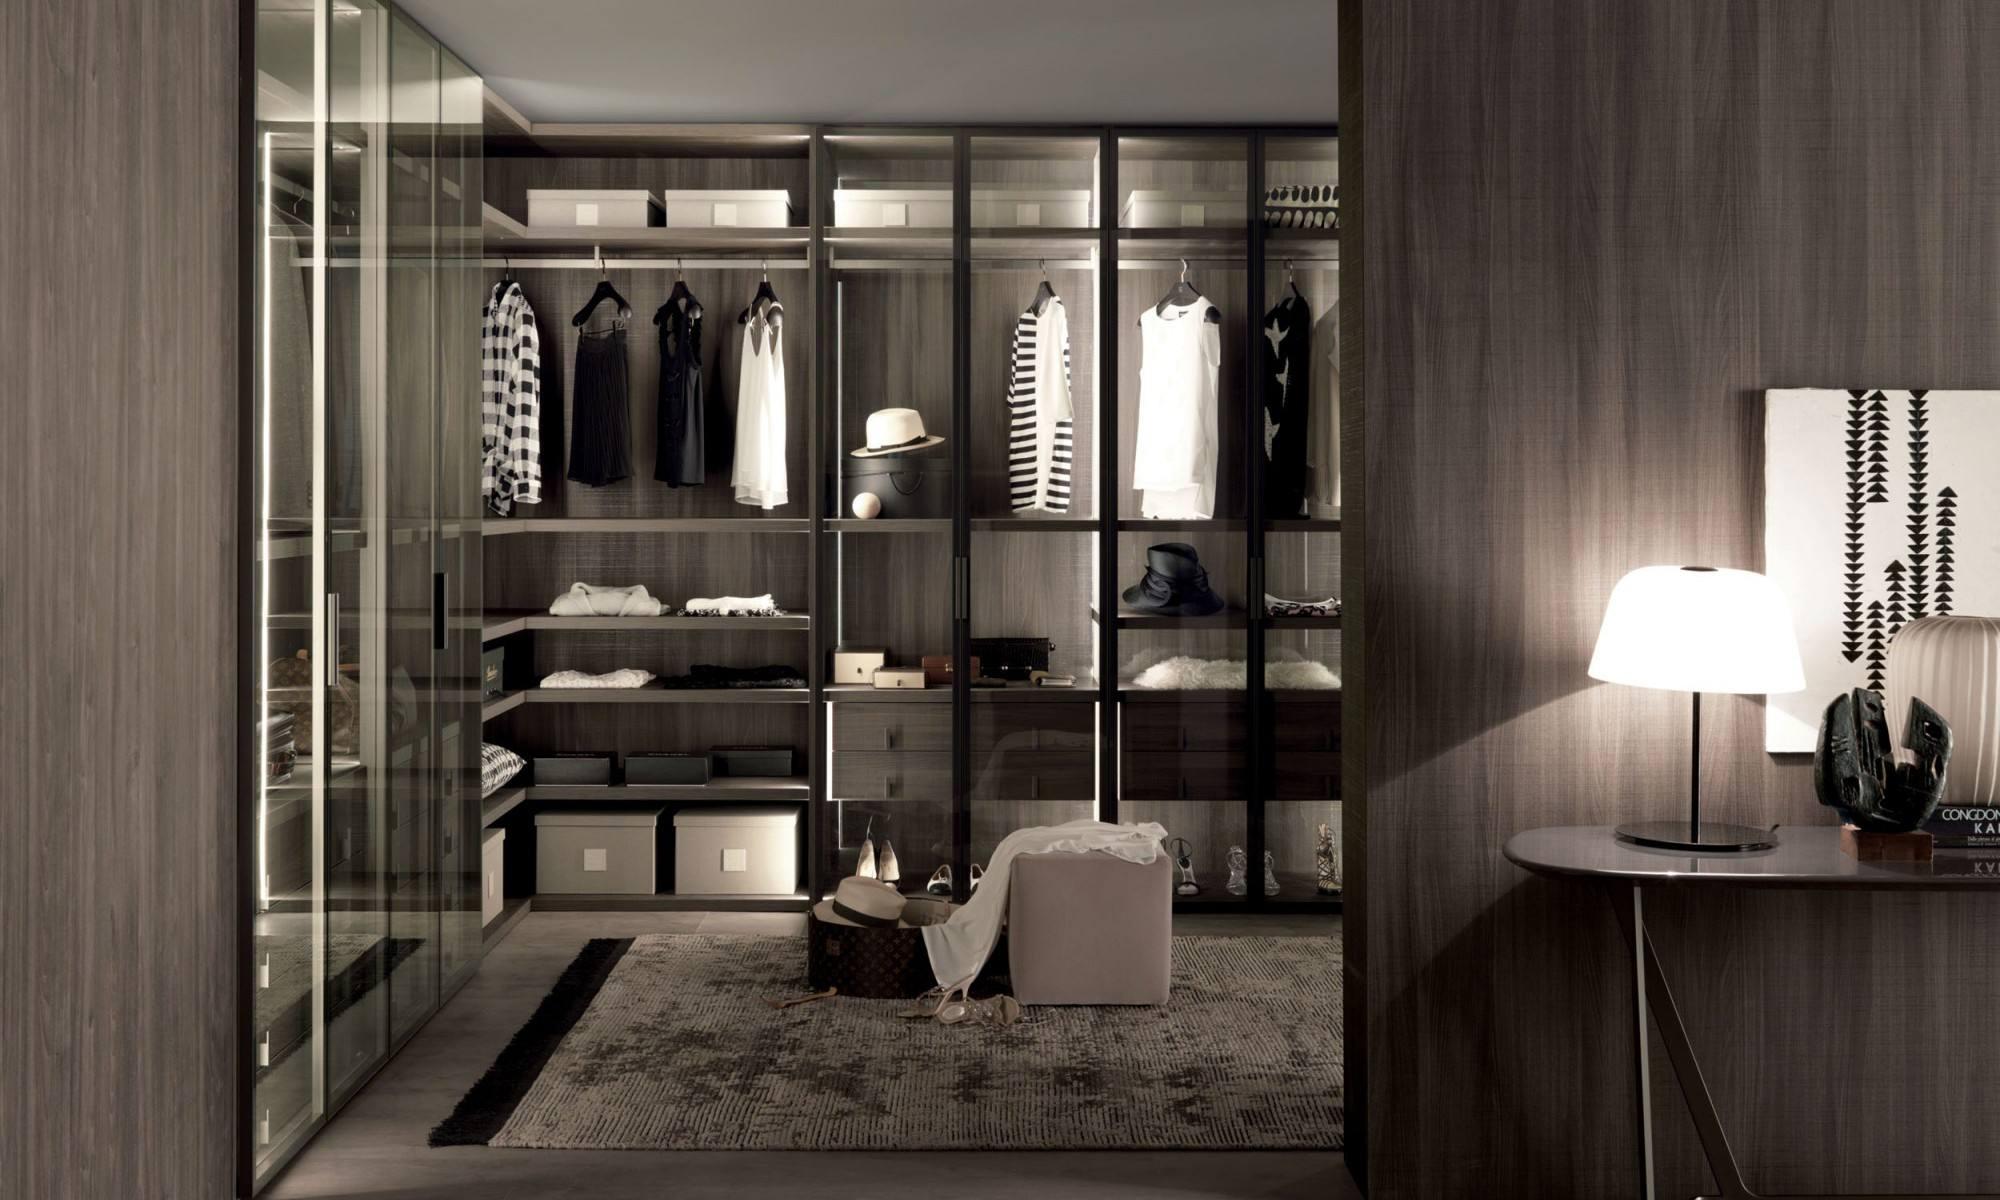 现场定制衣柜和购买成品衣柜的优缺点是什么?